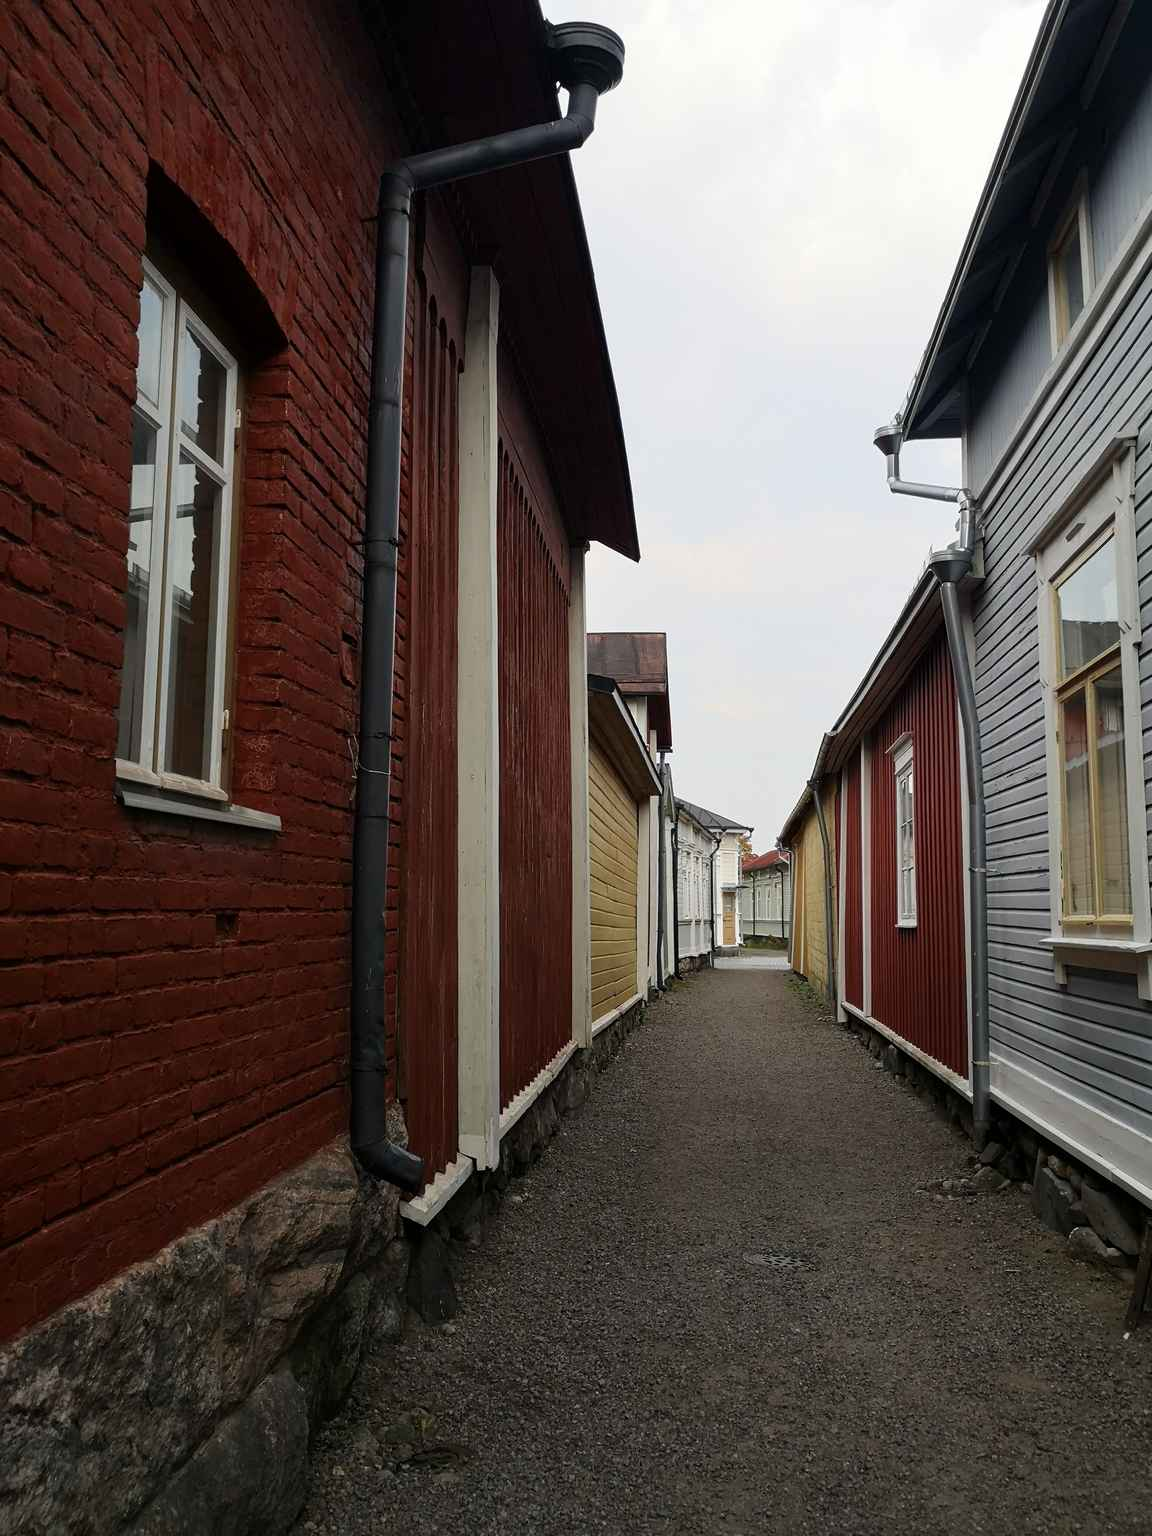 Vanha Rauma on arkkitehtuurillinen helmi puurakentamisen maailmassa.